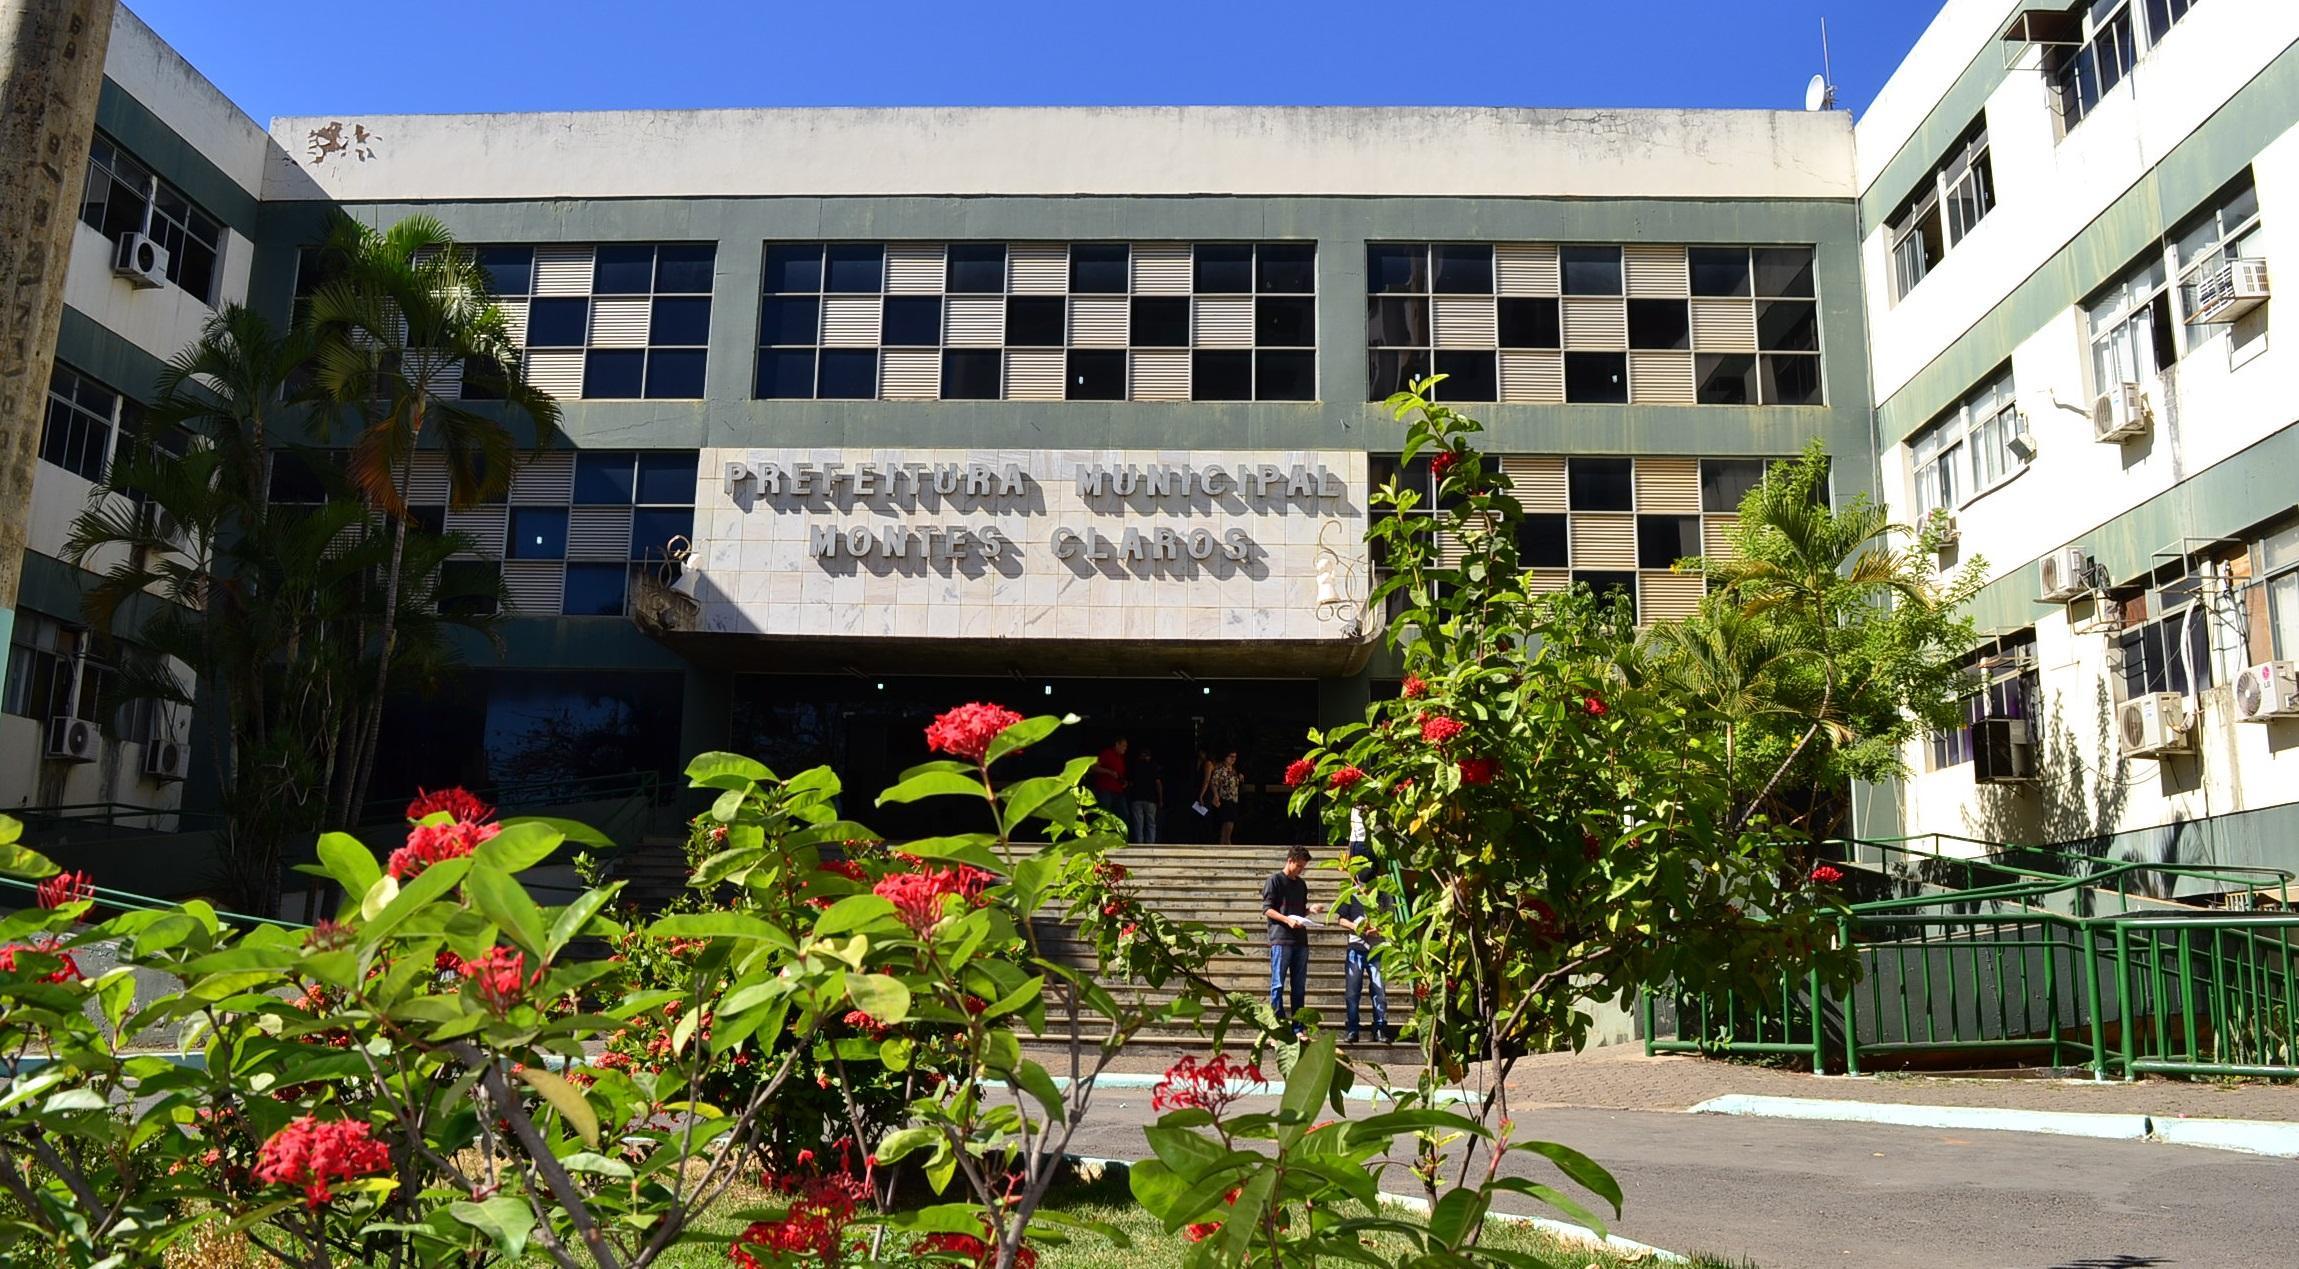 Imagem de destaque Prefeitura institui novas medidas de combate ao coronavírus nos prédios públicos